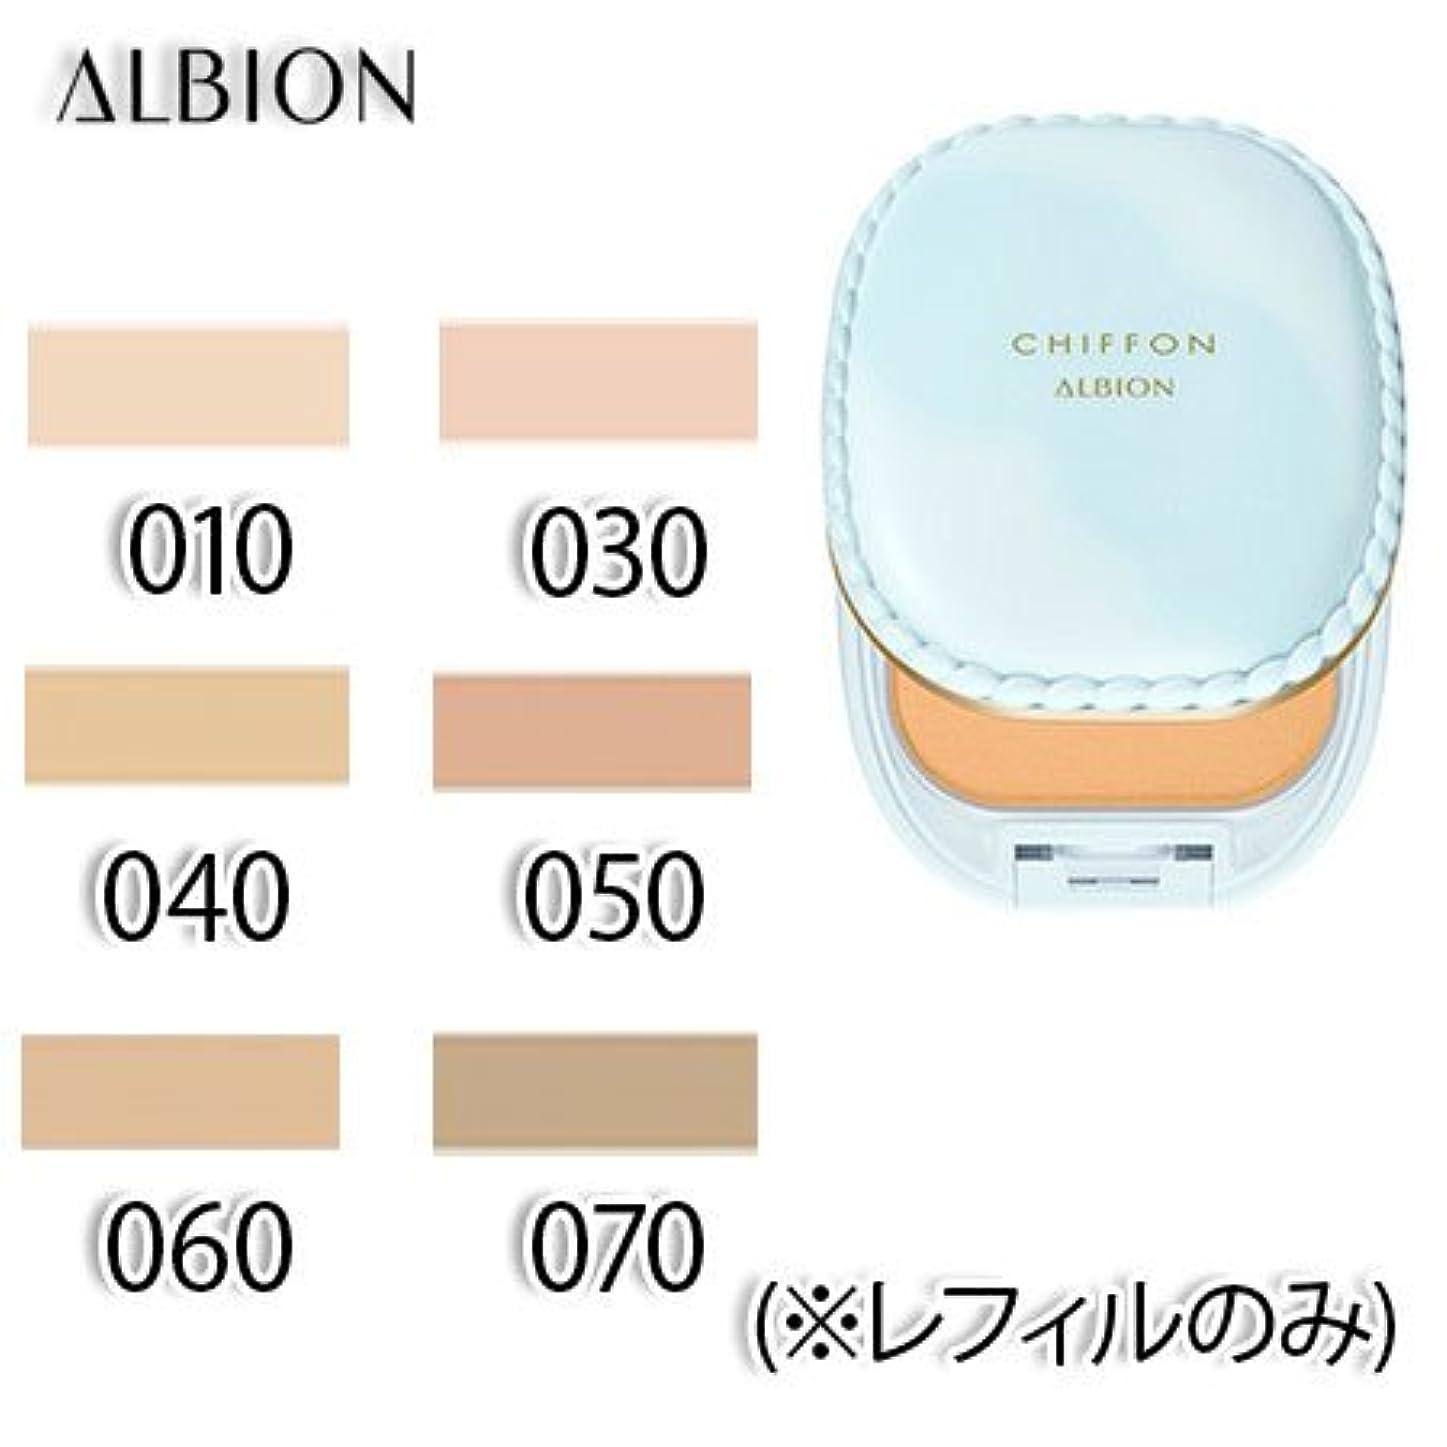 エステート勃起学習アルビオン スノー ホワイト シフォン 全6色 SPF25?PA++ 10g (レフィルのみ) -ALBION- 070